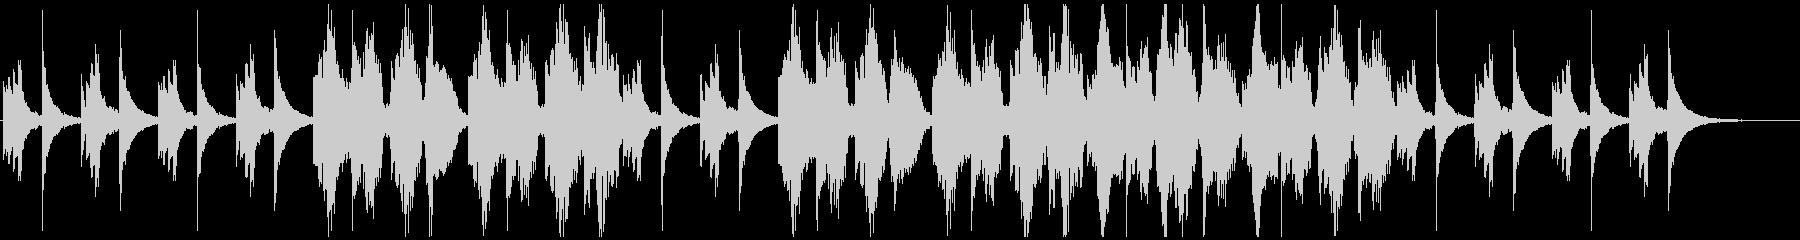 アコギとフルートのしっとりとした曲の未再生の波形